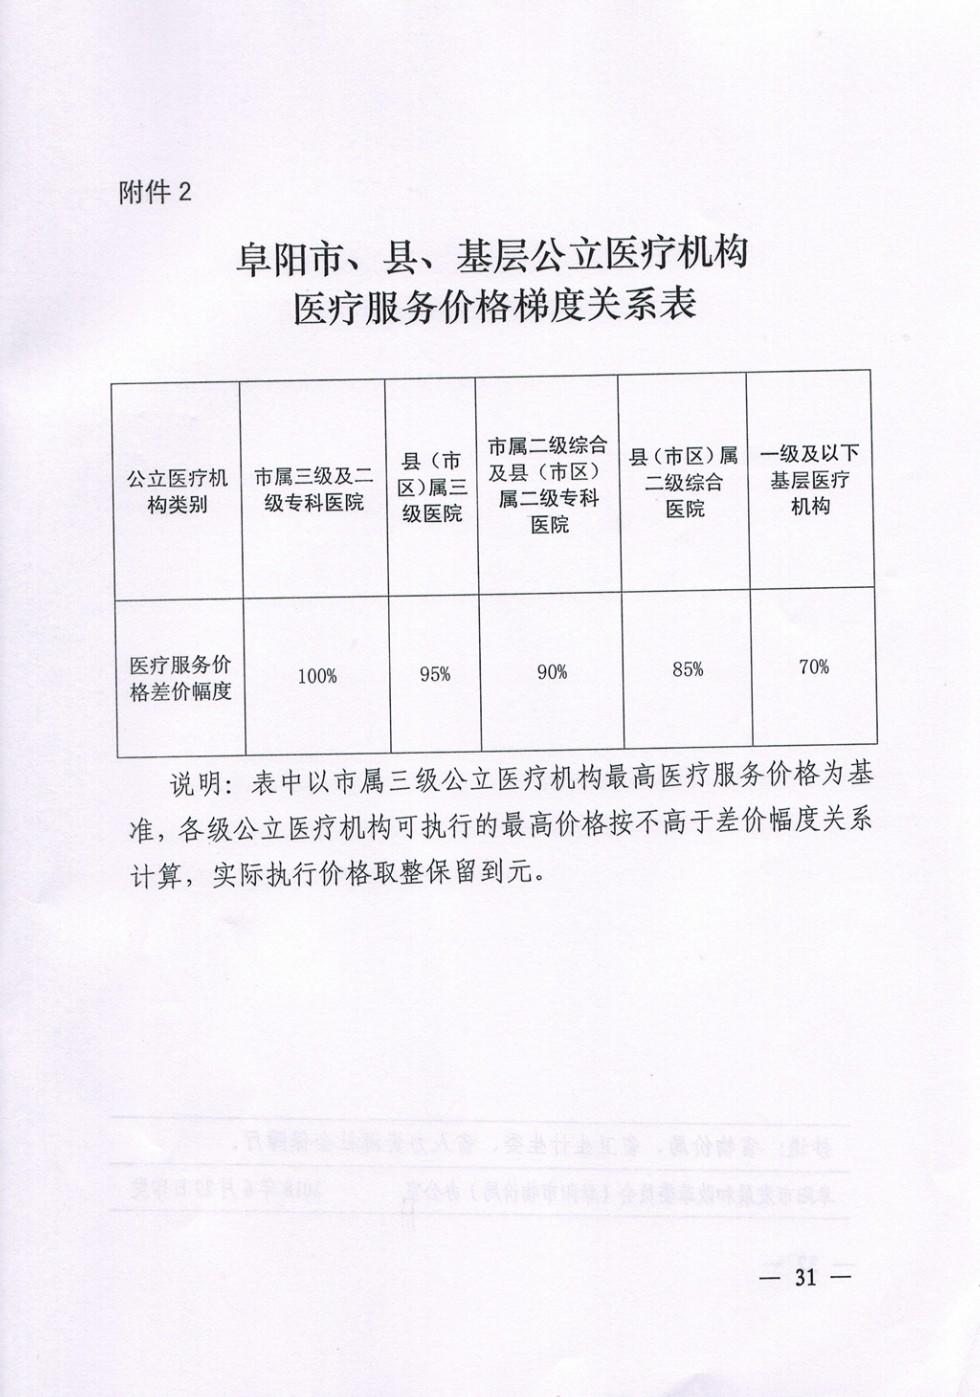 医保参考价_页面_31.jpg